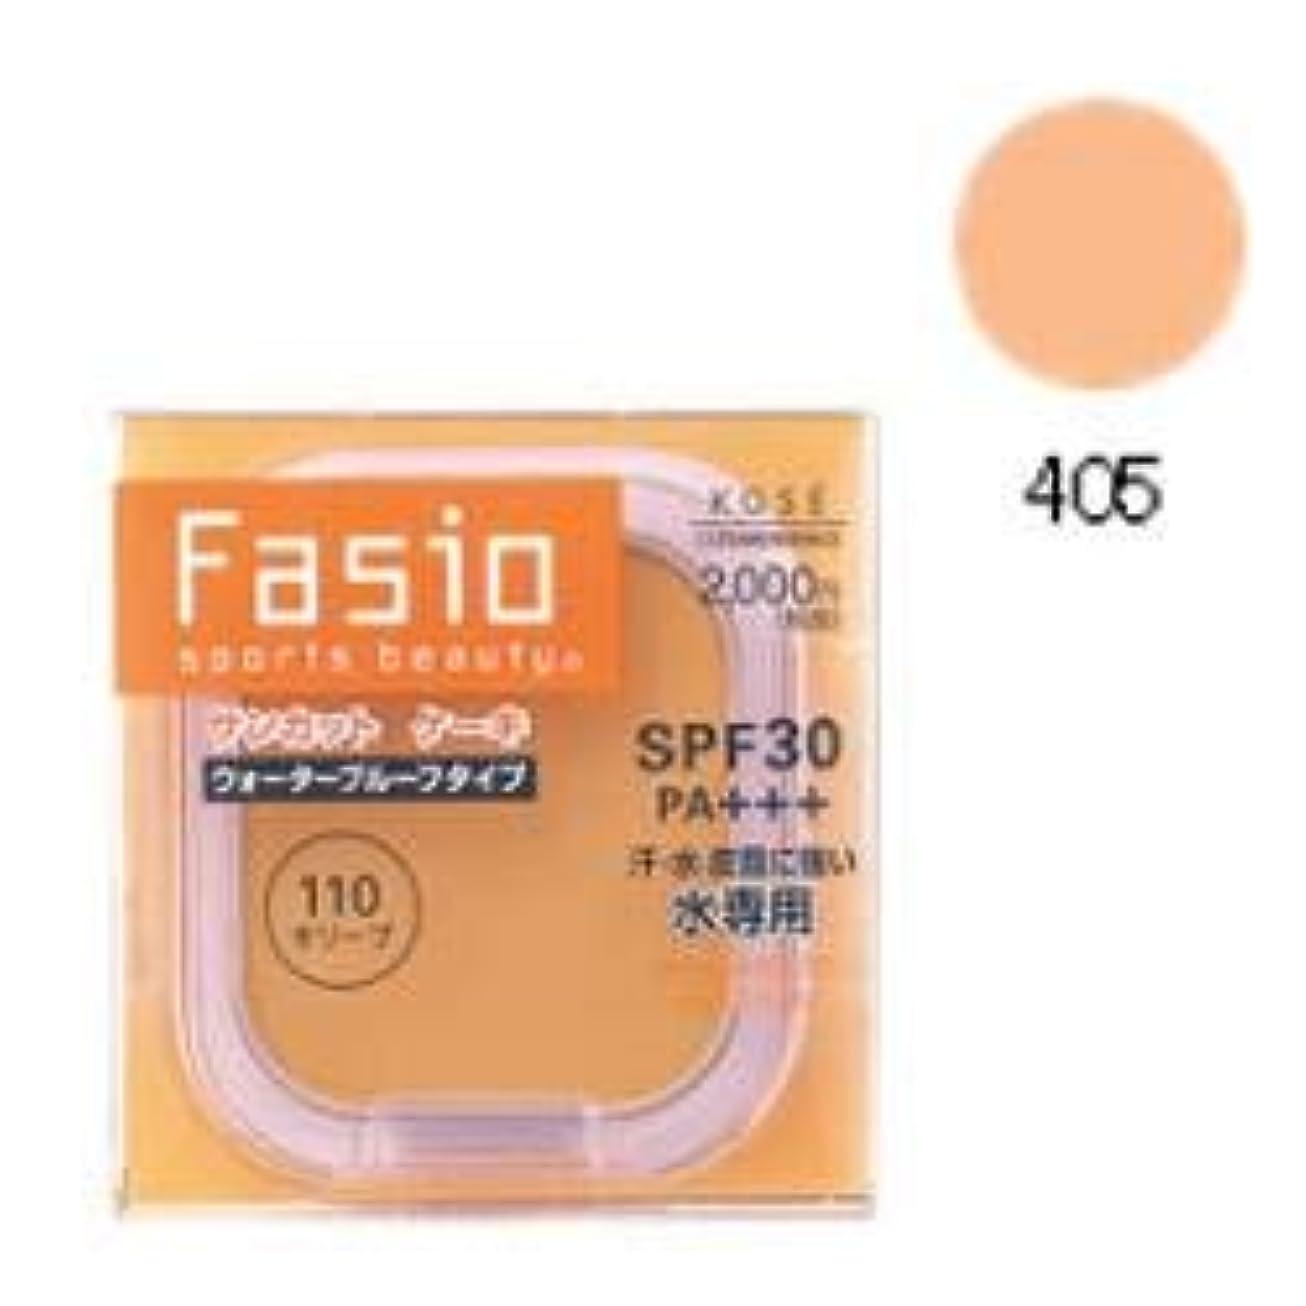 ペレット傀儡シリーズコーセー Fasio ファシオ サンカット ケーキ 詰め替え用 405